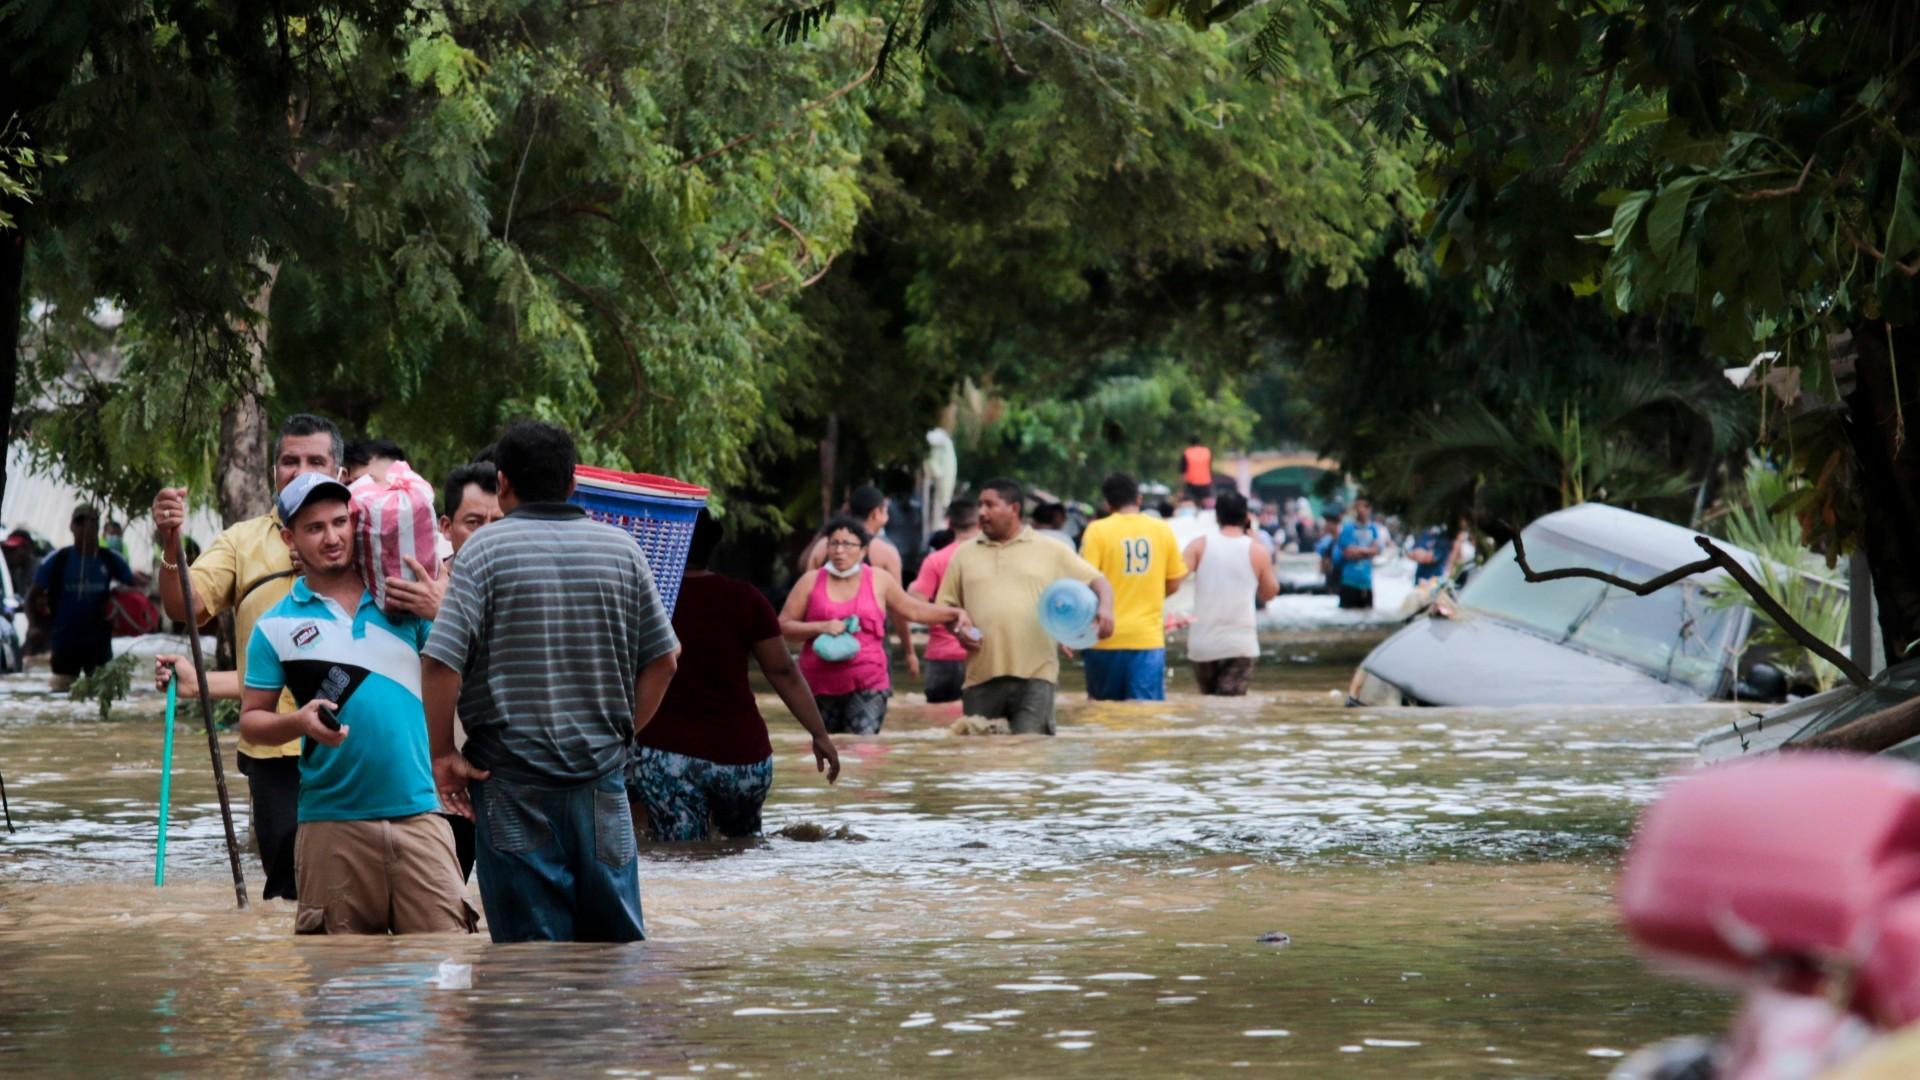 Cuba envía brigada médica a Honduras por desastres naturales